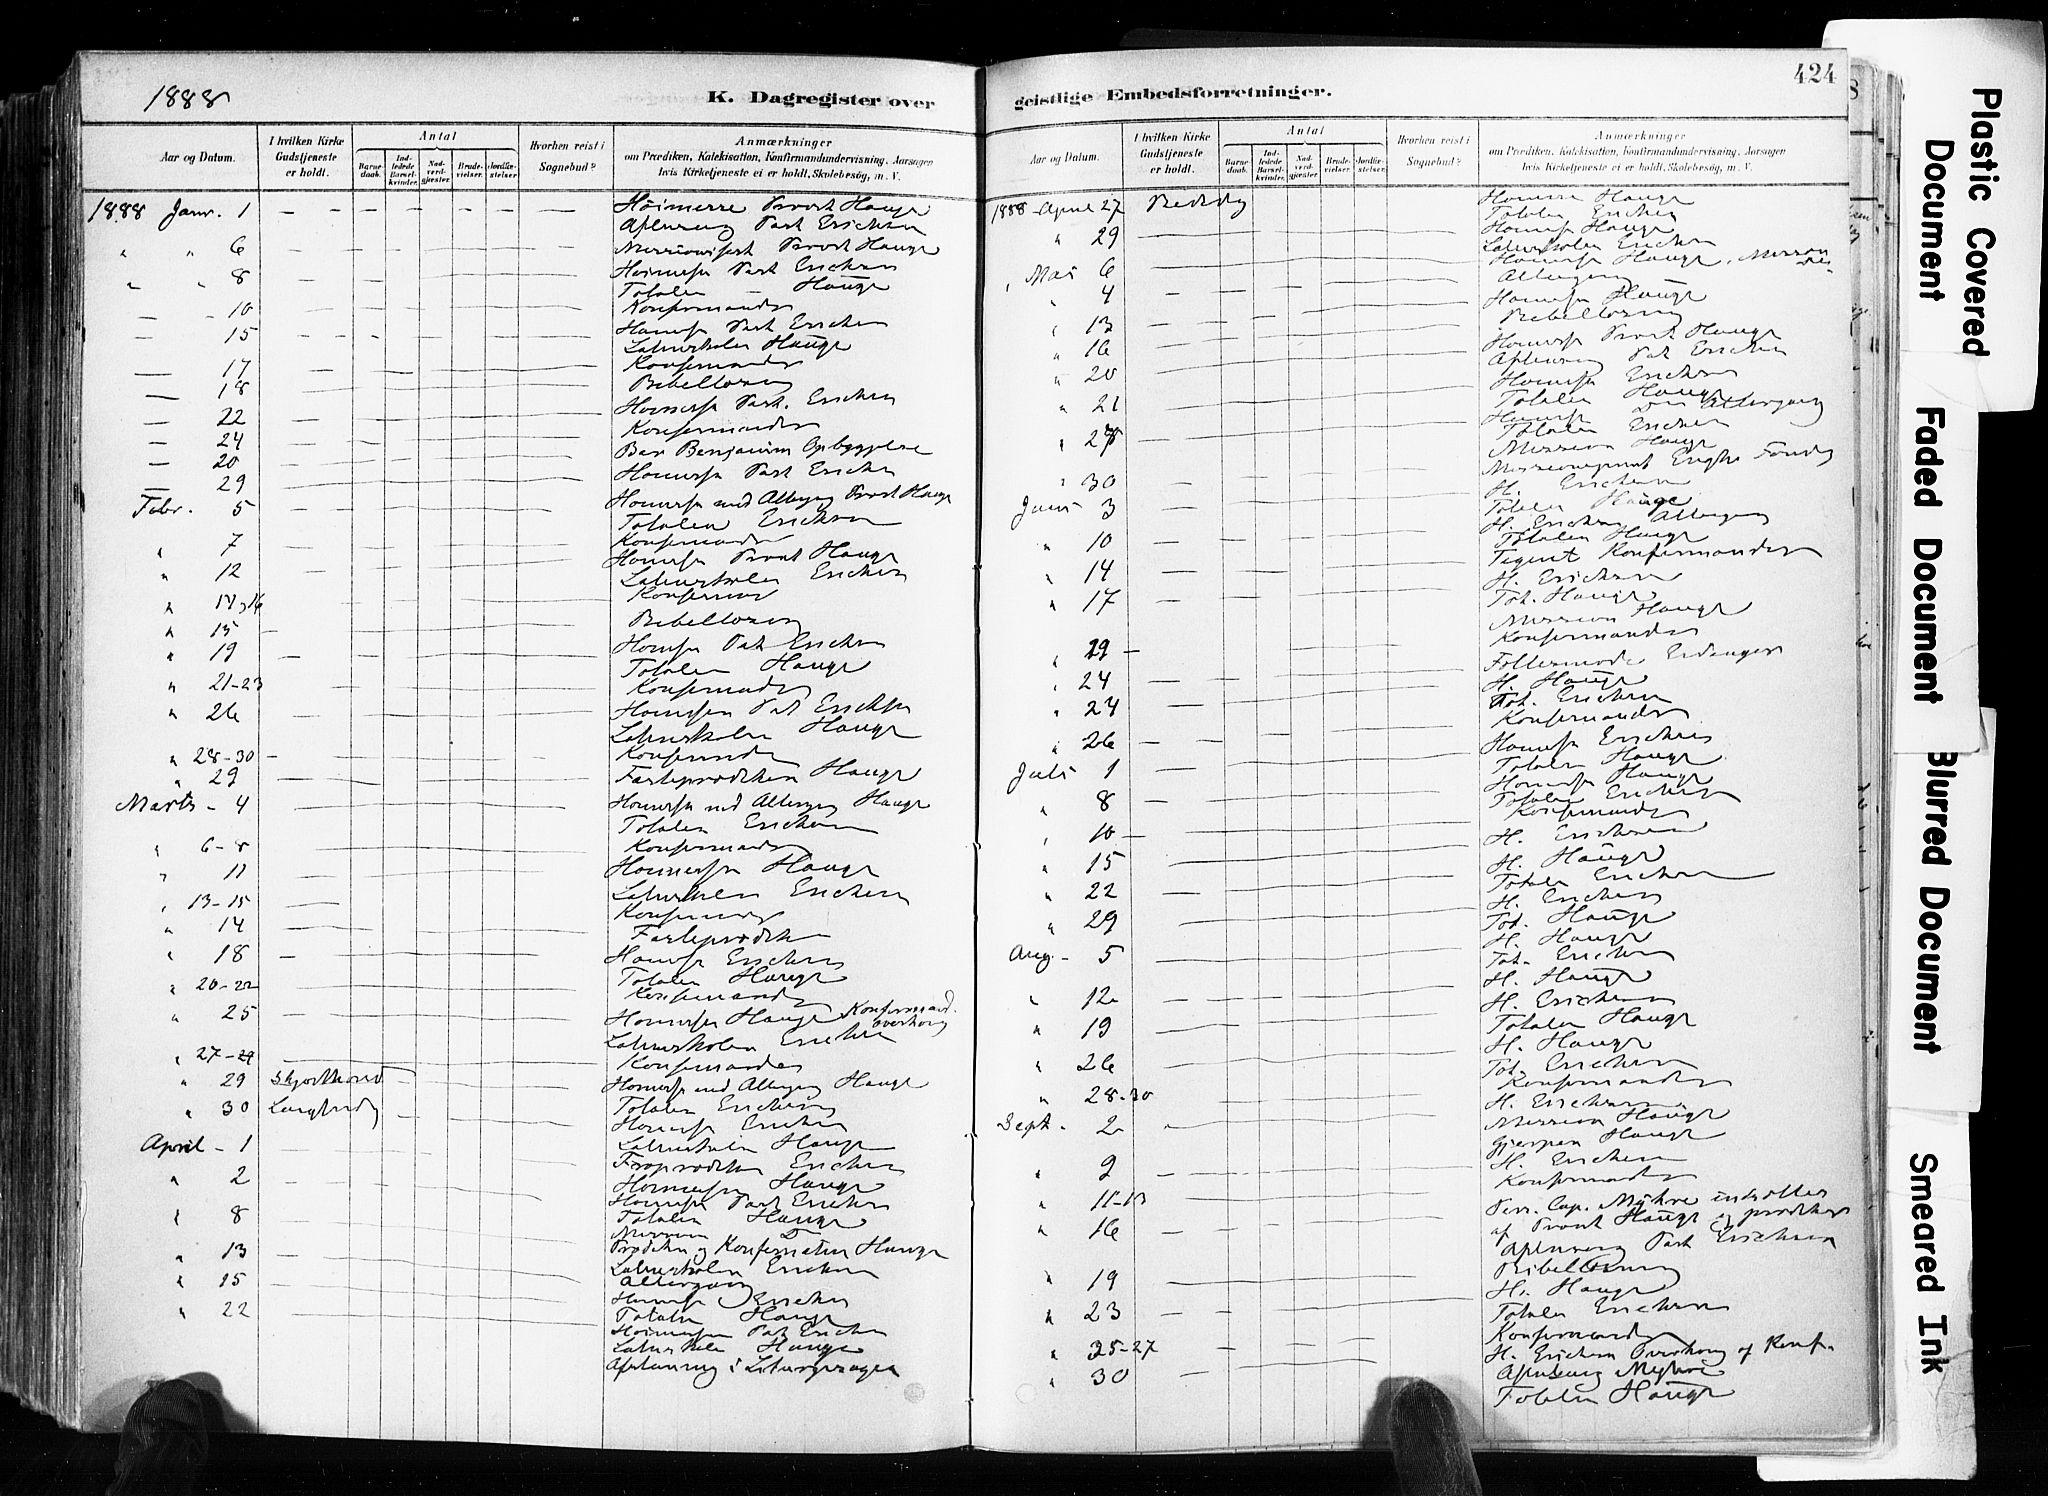 SAKO, Skien kirkebøker, F/Fa/L0009: Ministerialbok nr. 9, 1878-1890, s. 424